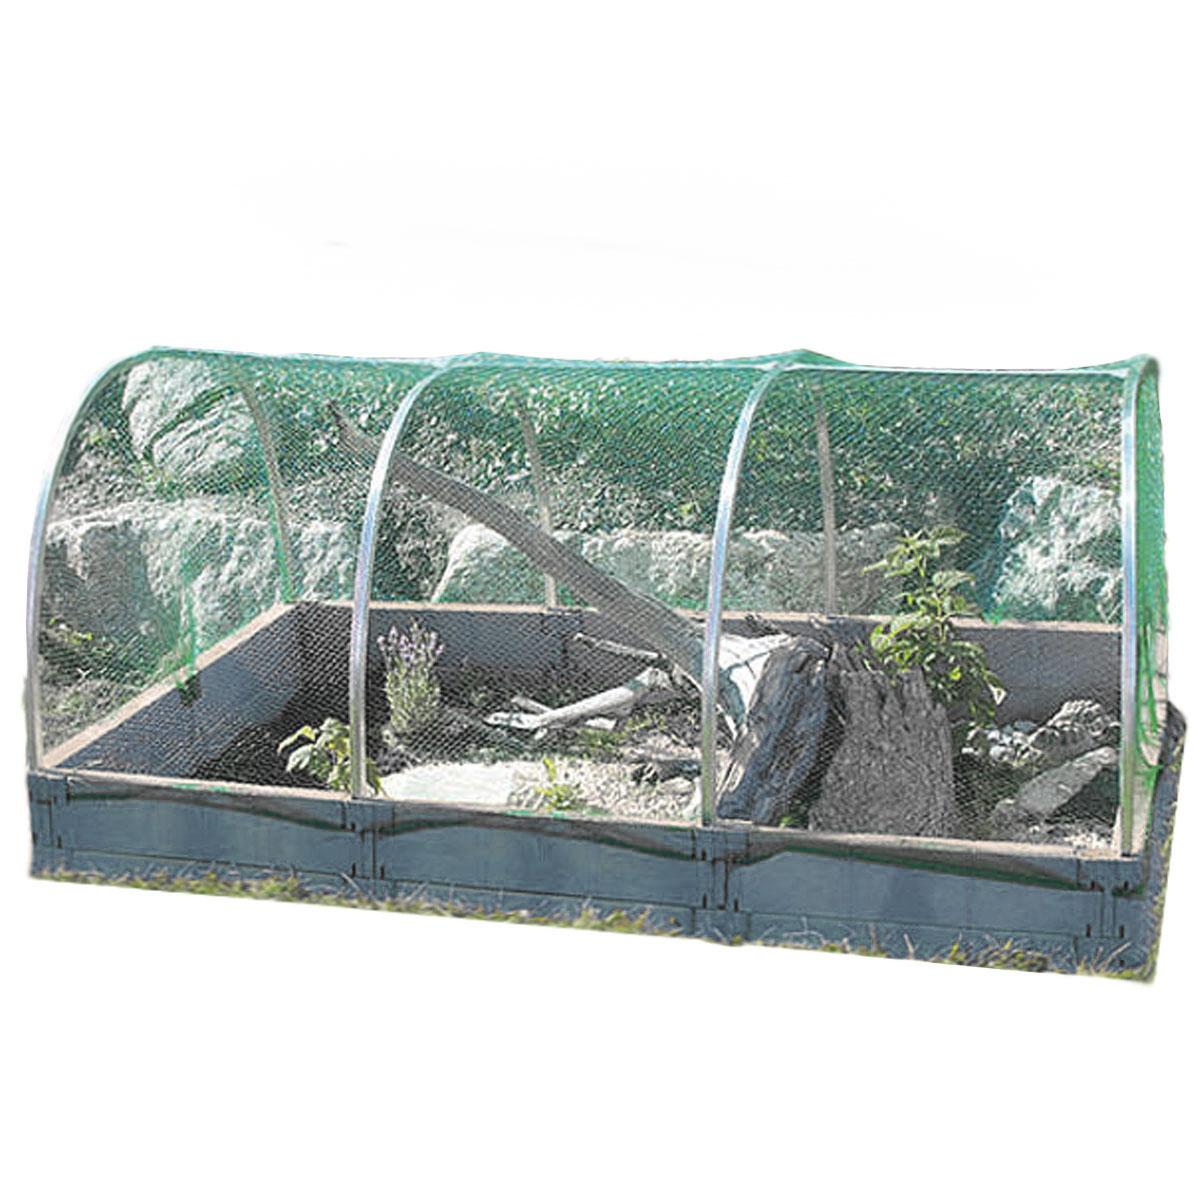 Bild zu Juwel Kleintiergehege / Kleintierauslauf 2 m² basalt Schutznetz